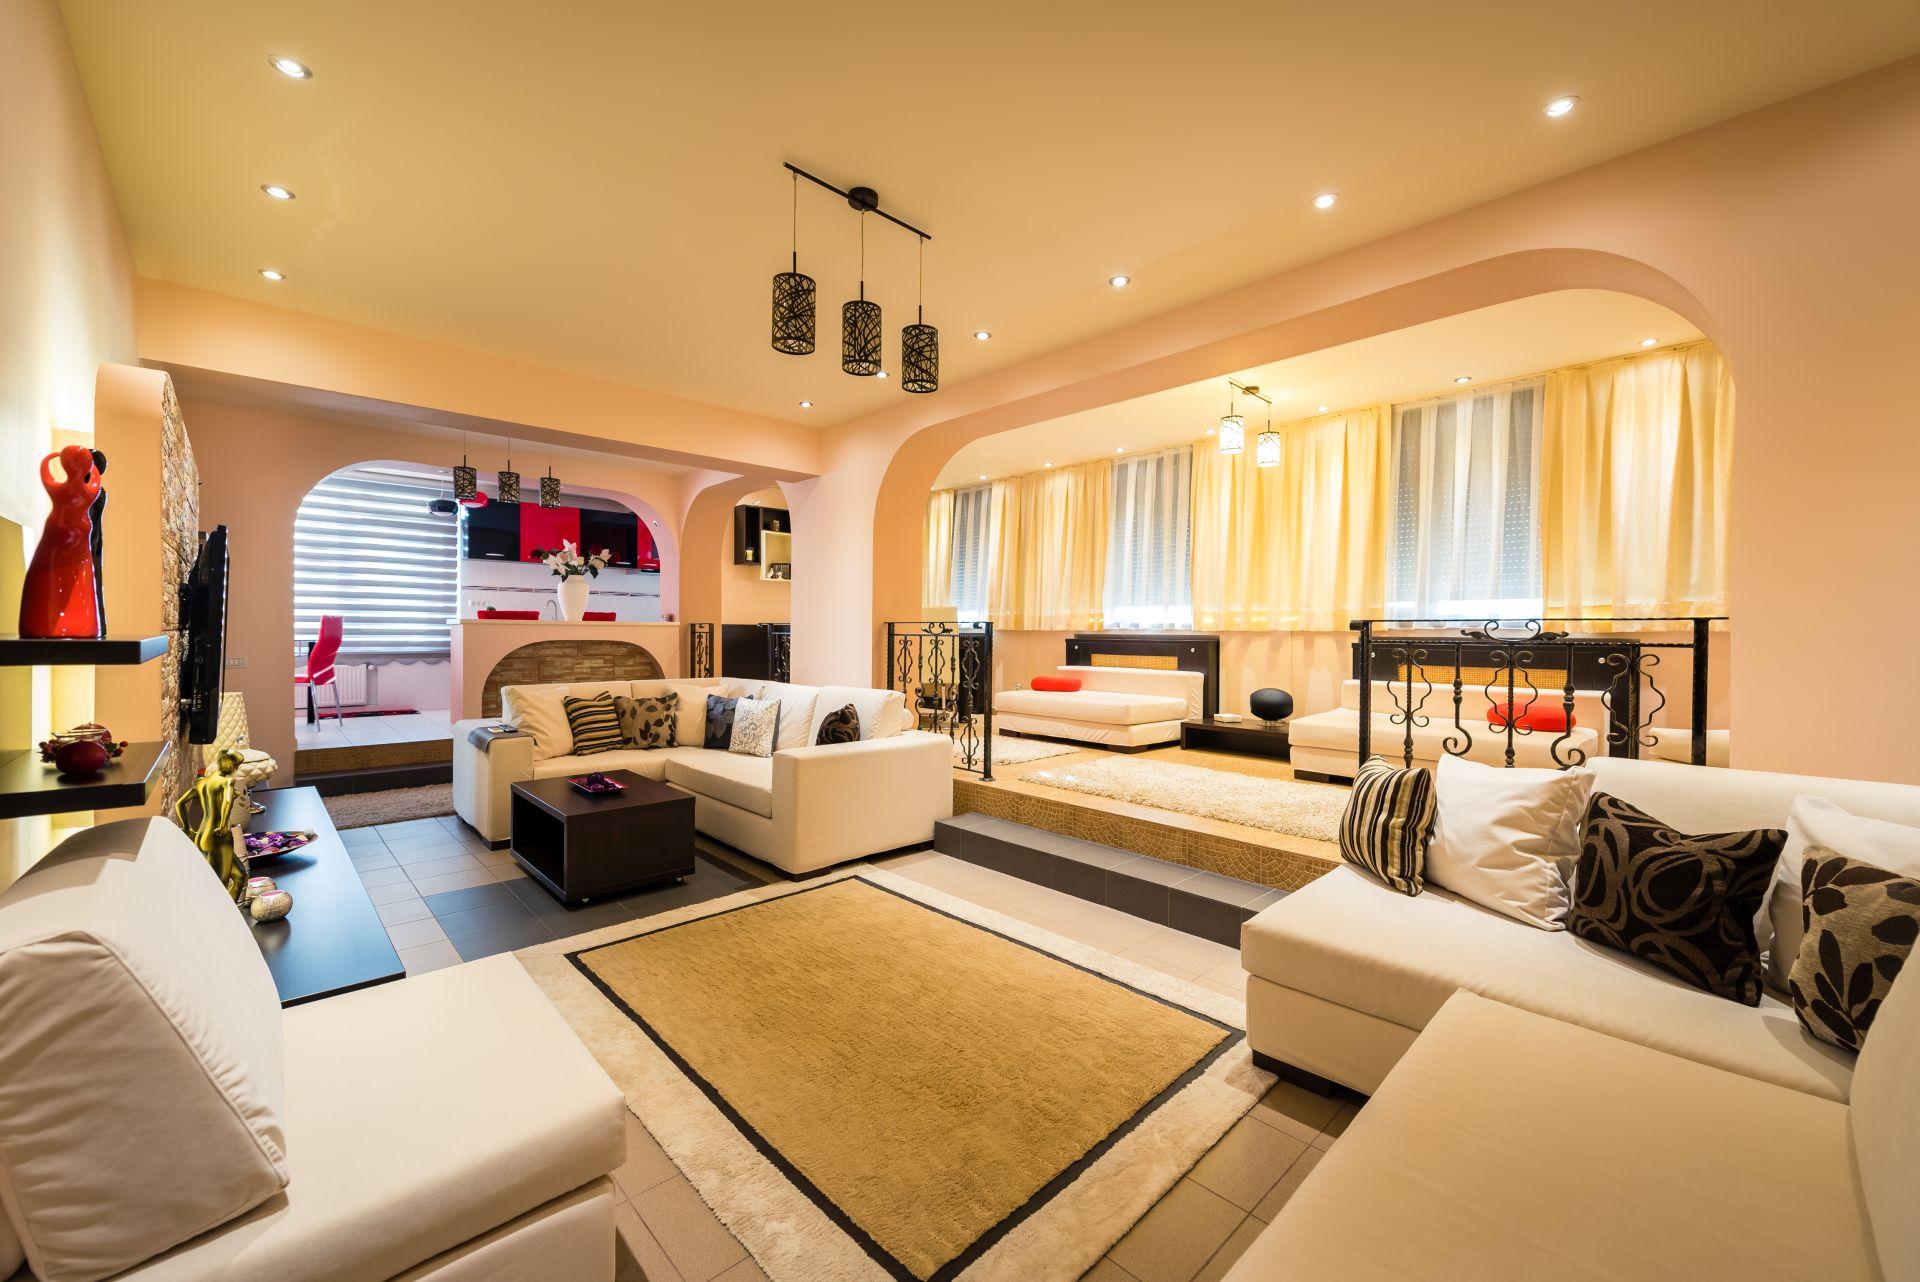 Apartament superb în proximitatea zonei Eden